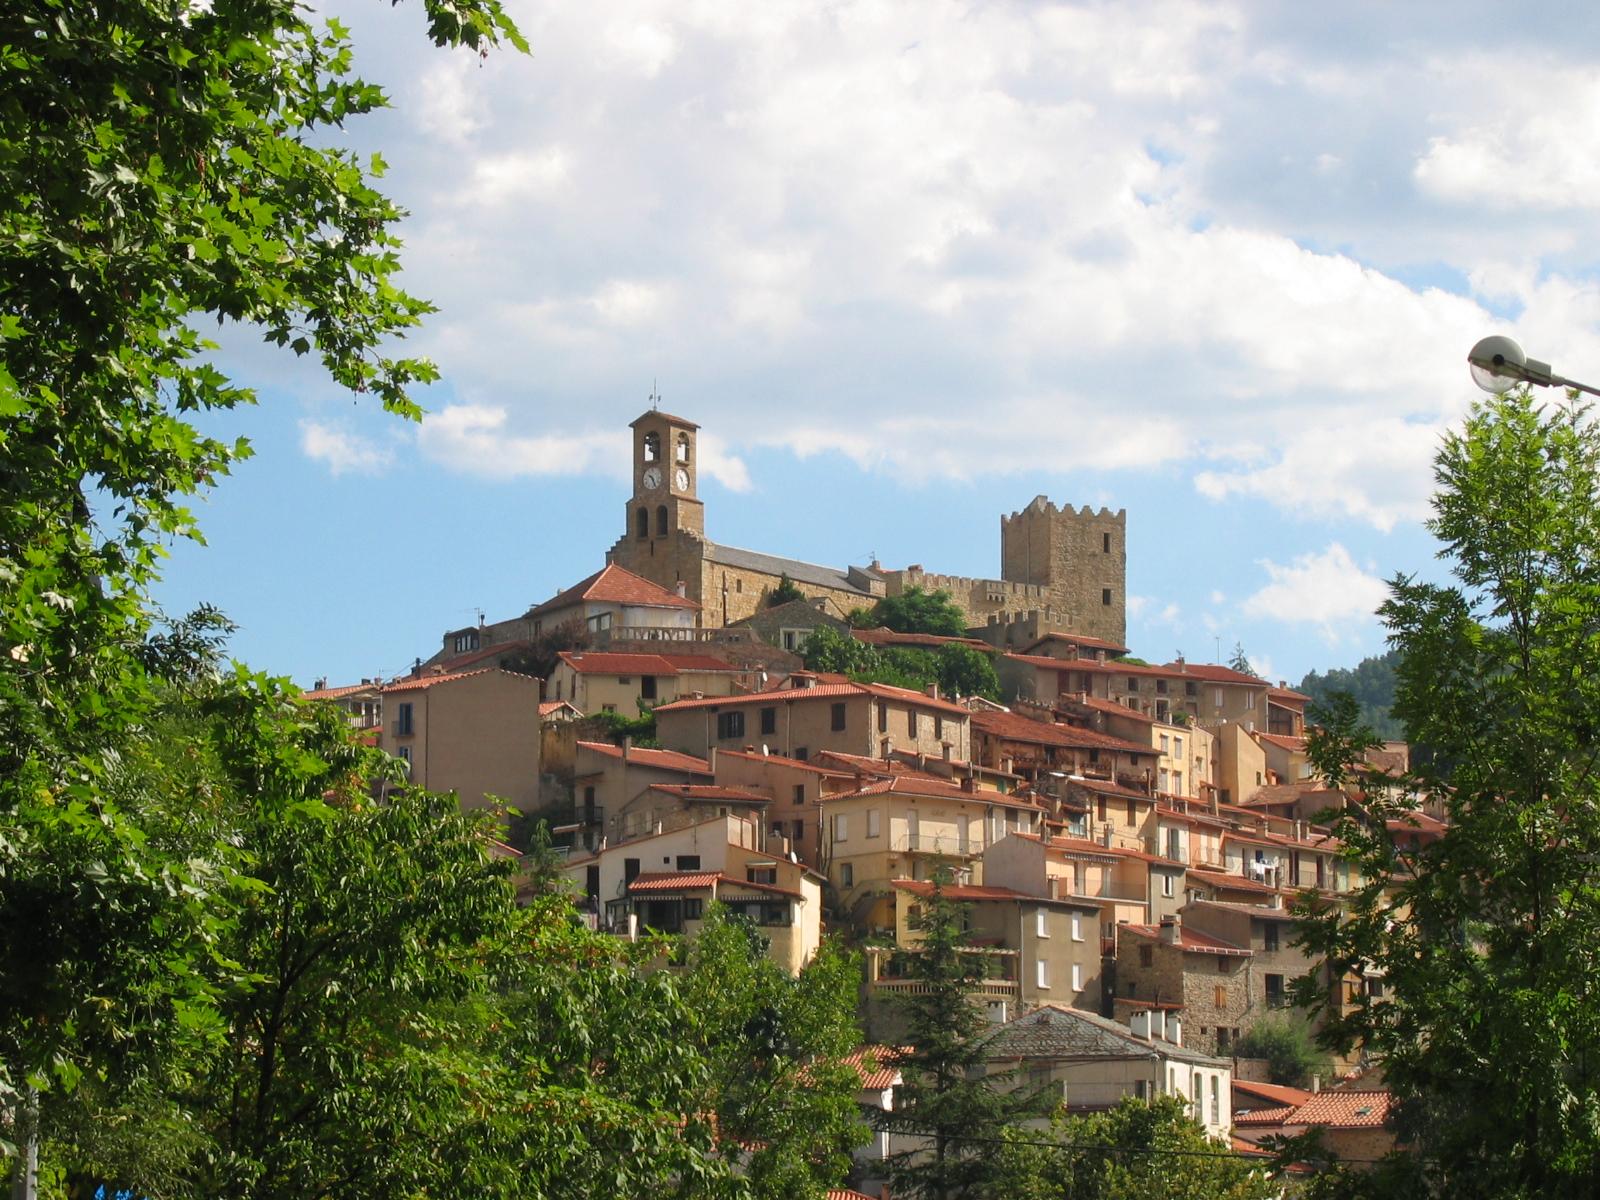 Saint-Saturnin de Vernet-les-Bains